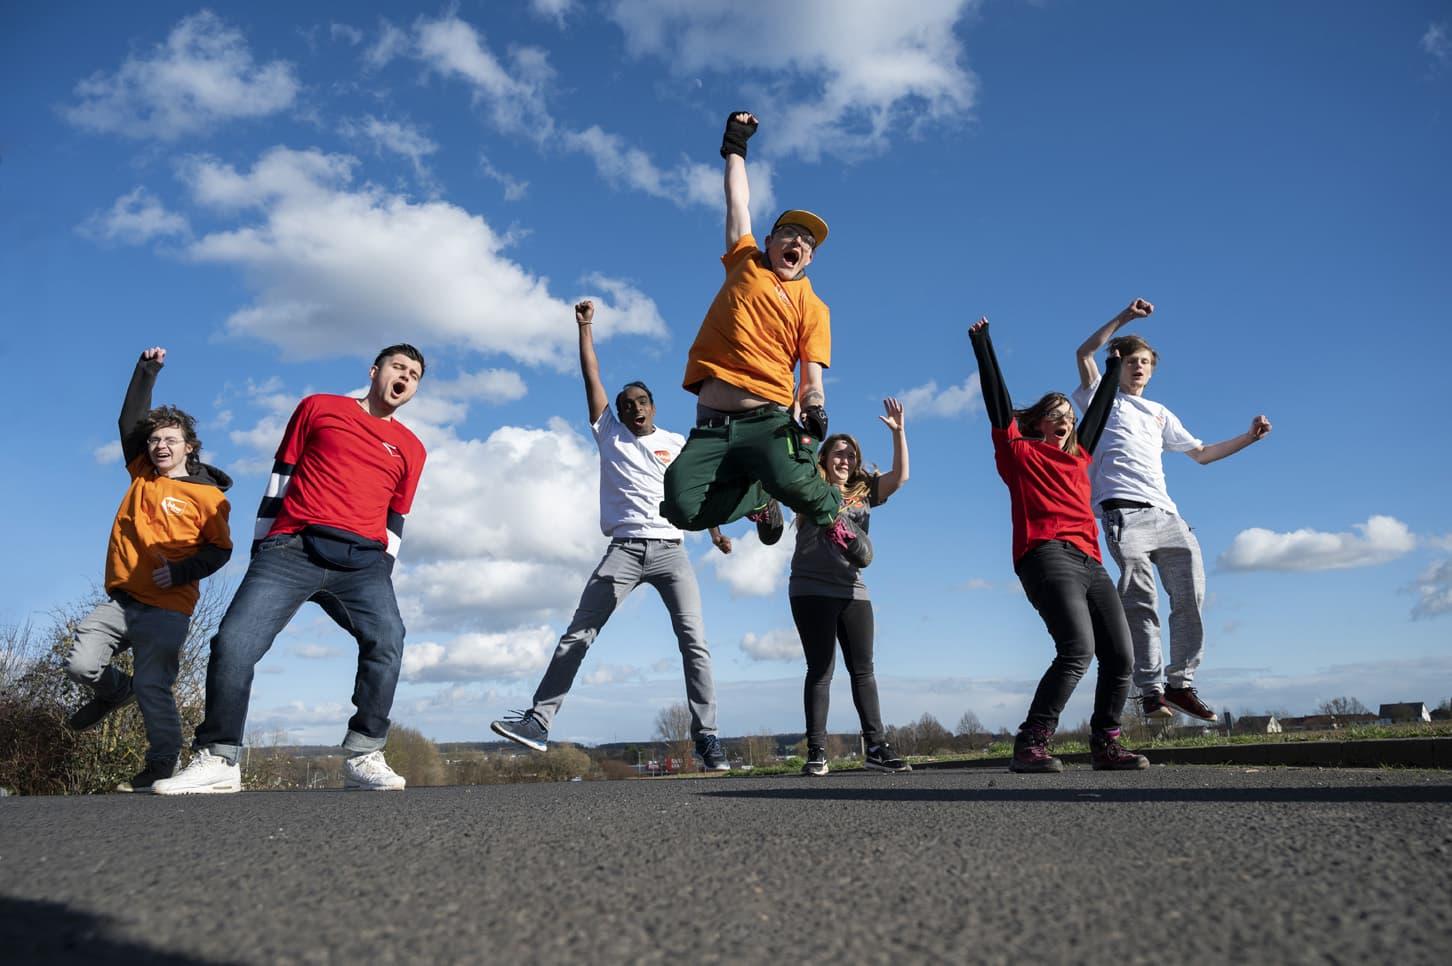 Gruppe Jugendlicher springt vor blauem Himmel in die Höhe